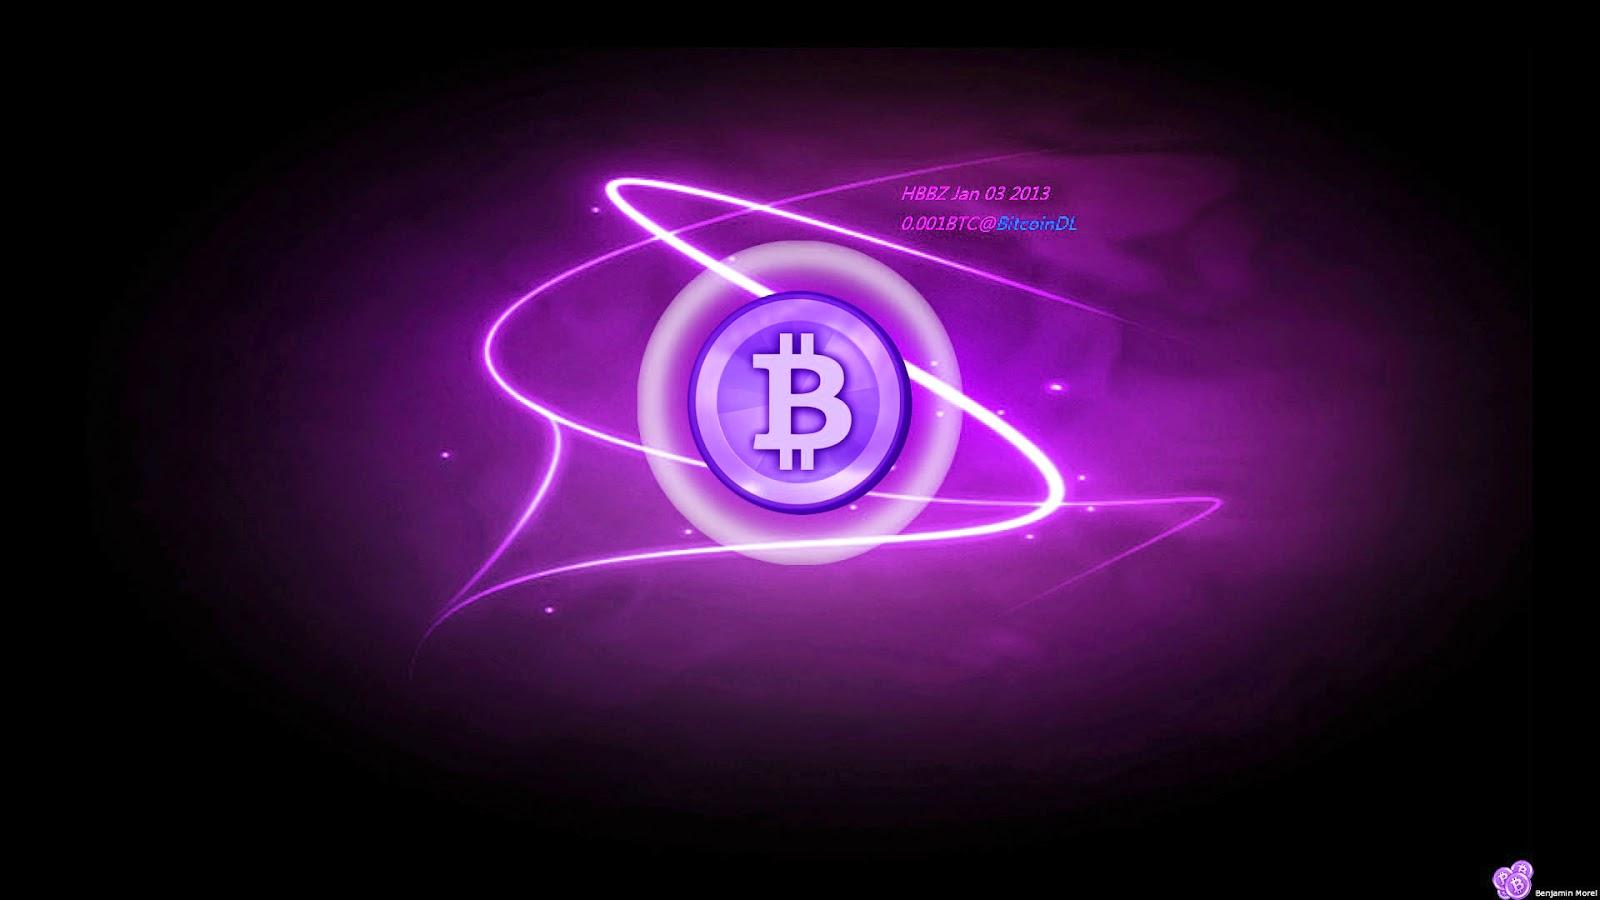 Best Bitcoin Btc Desktop Wallpaper   Bitcoin Wallpaper Hd 1600x900